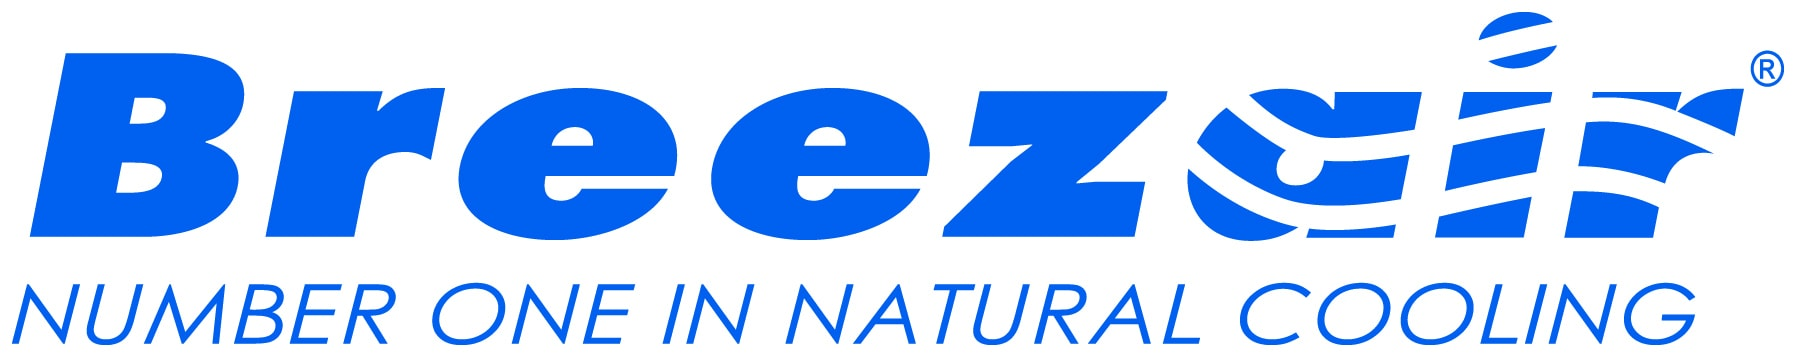 ext breezair logo